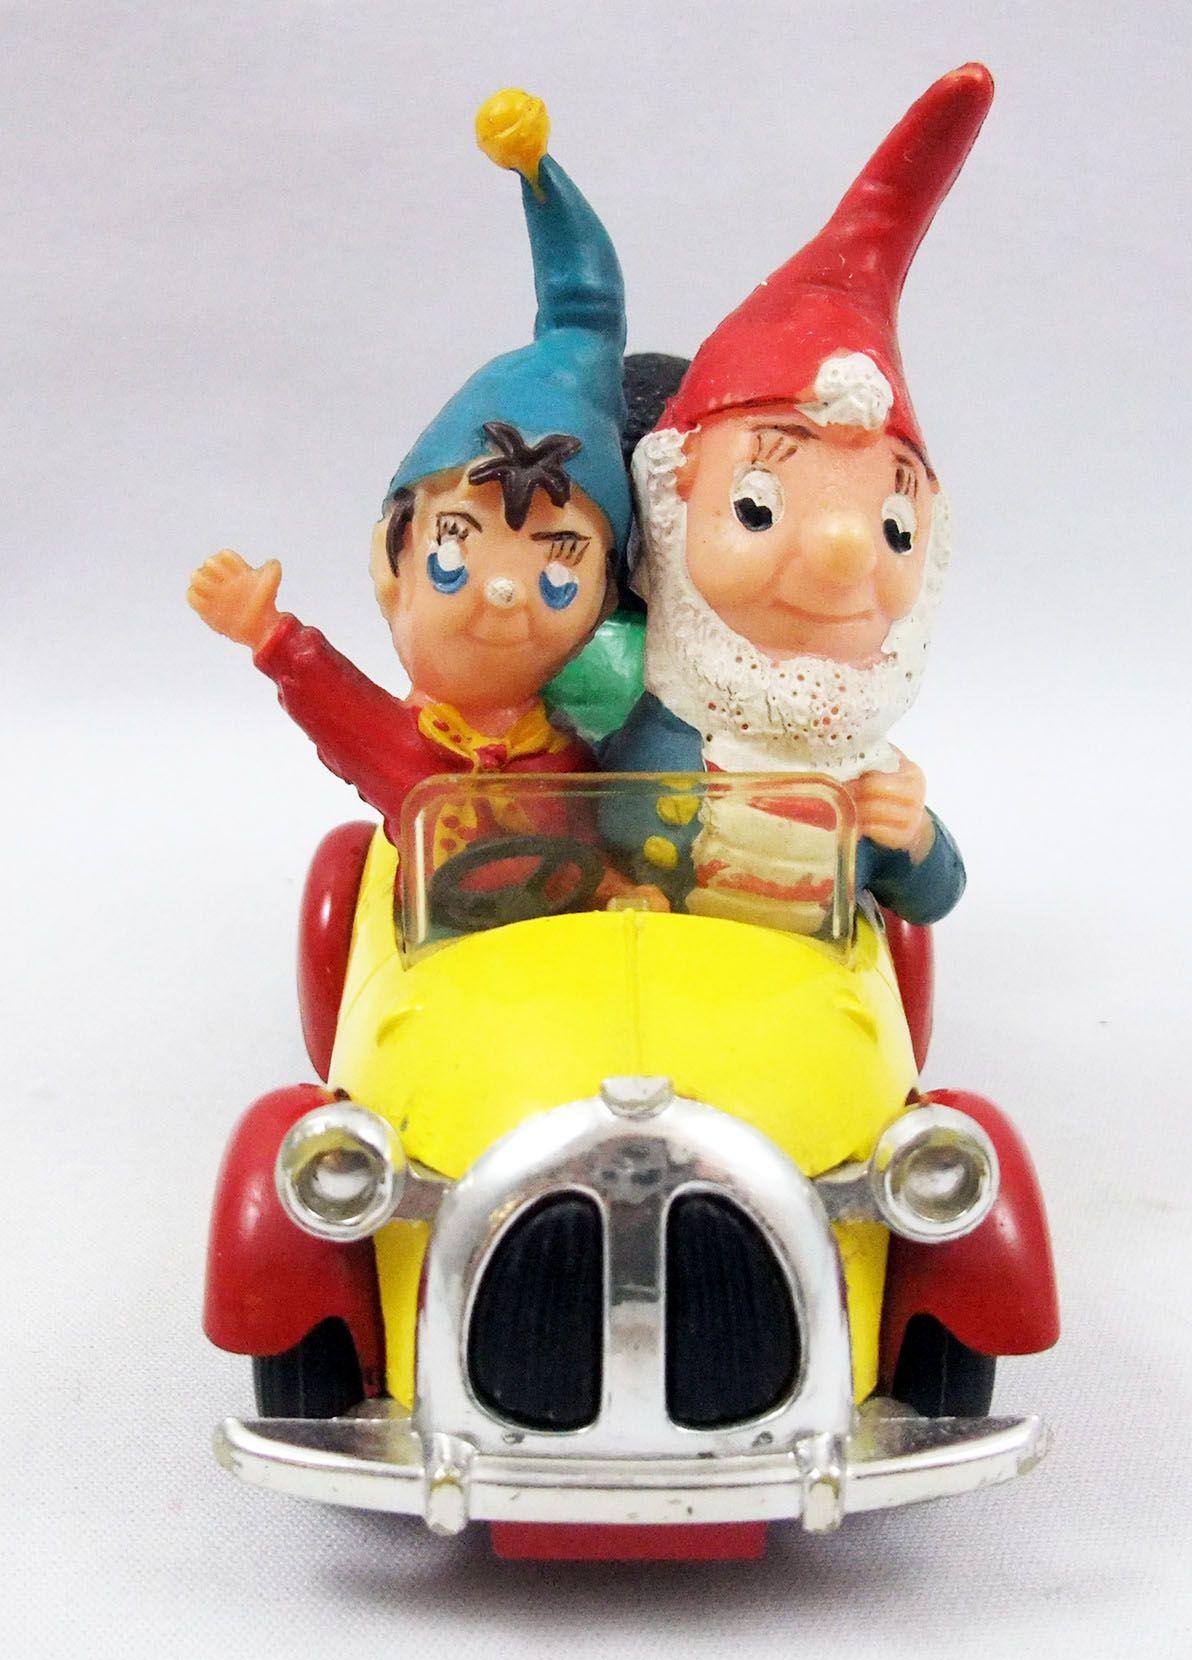 Oui-Oui - Corgi Comics n°801 - La voiture de Oui-Oui avec Potiron & Mr. Golly